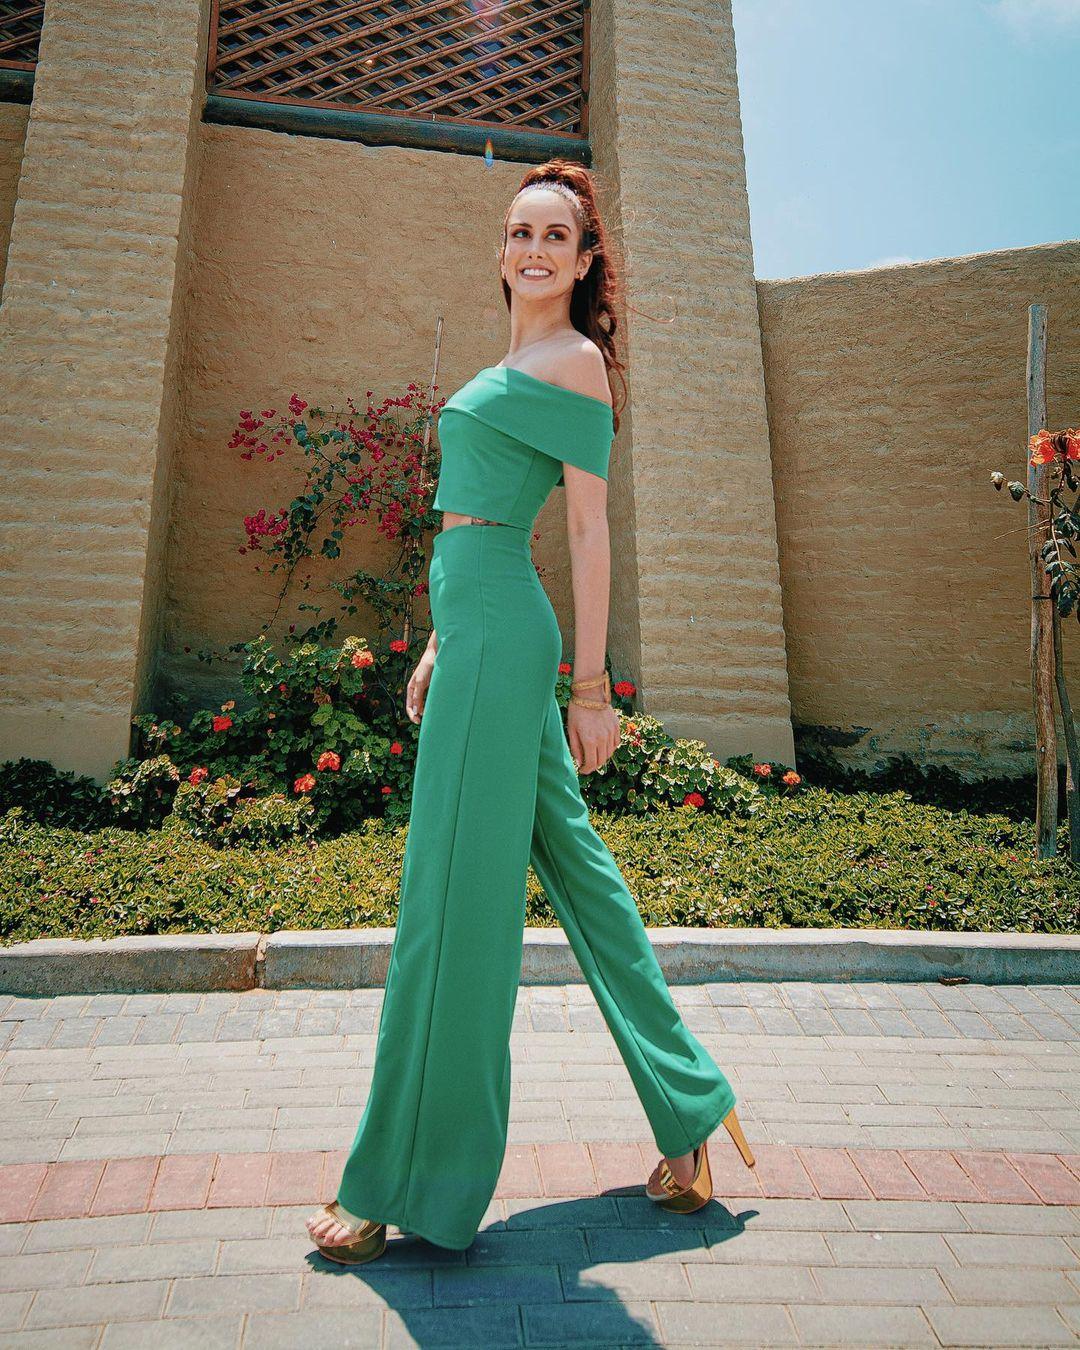 solange hermoza, finalista de miss teenager 2014, miss la liberta peru 2020. - Página 2 Solang17